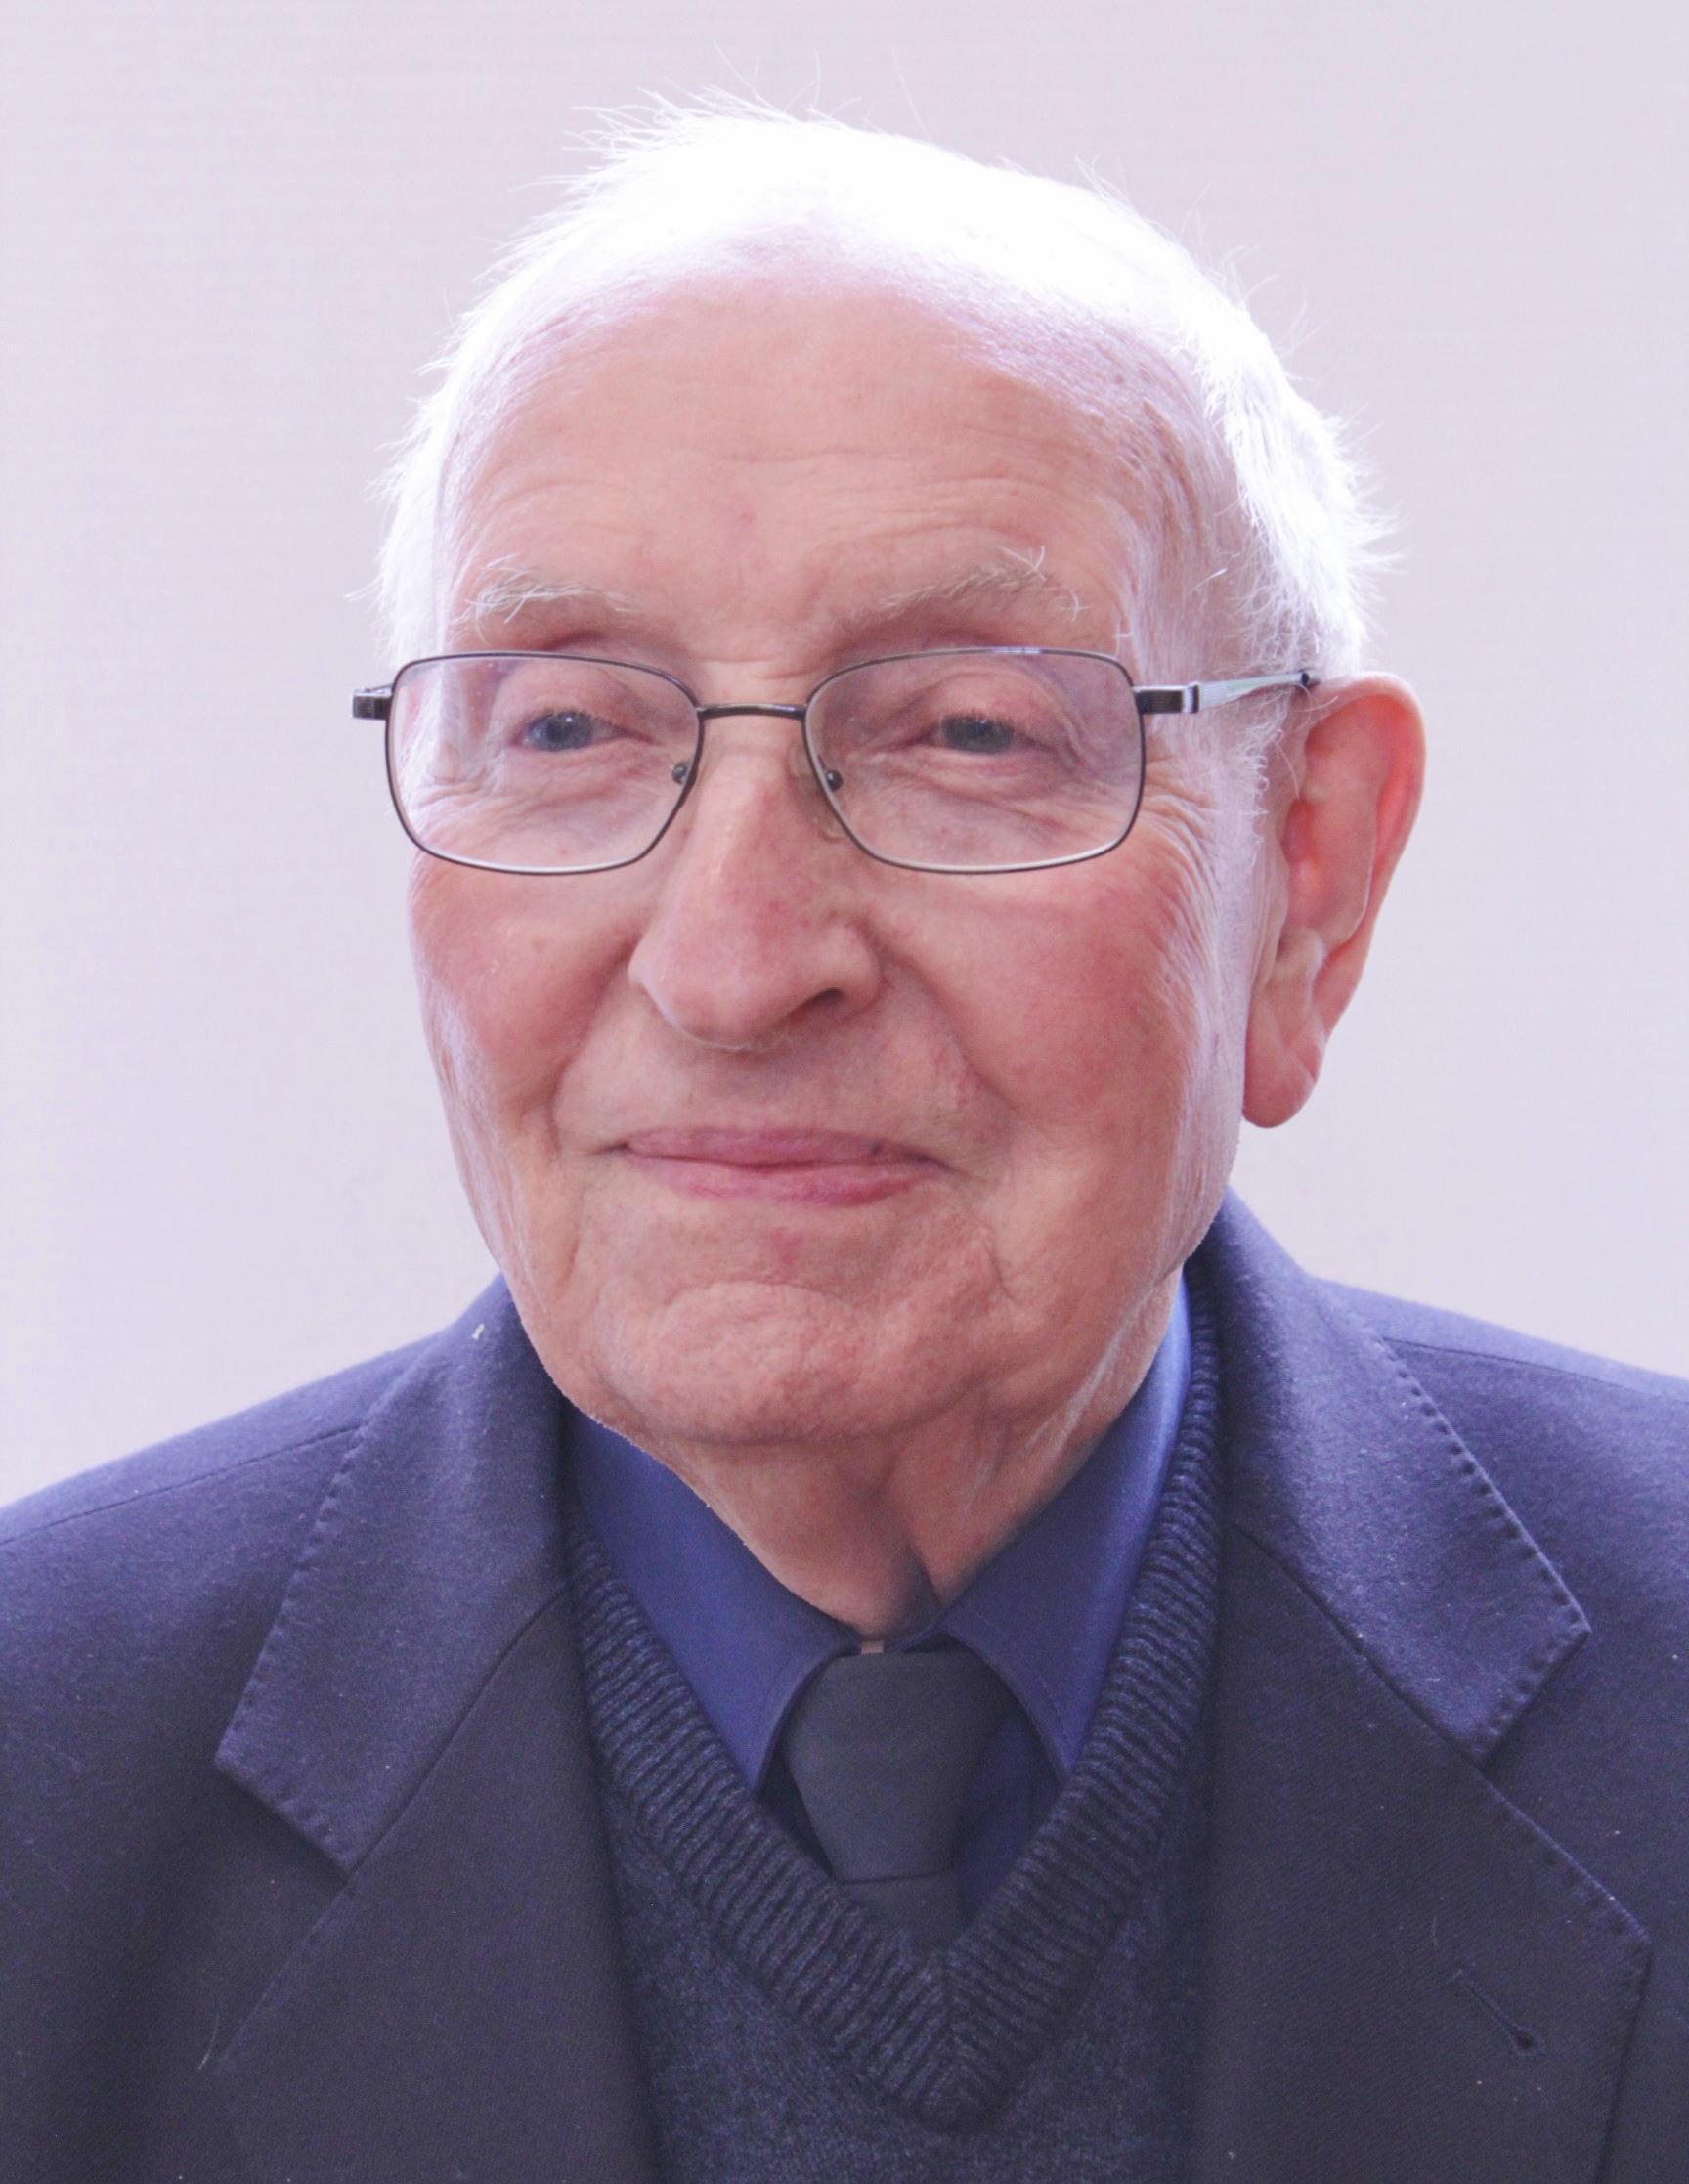 GERARD BERRY